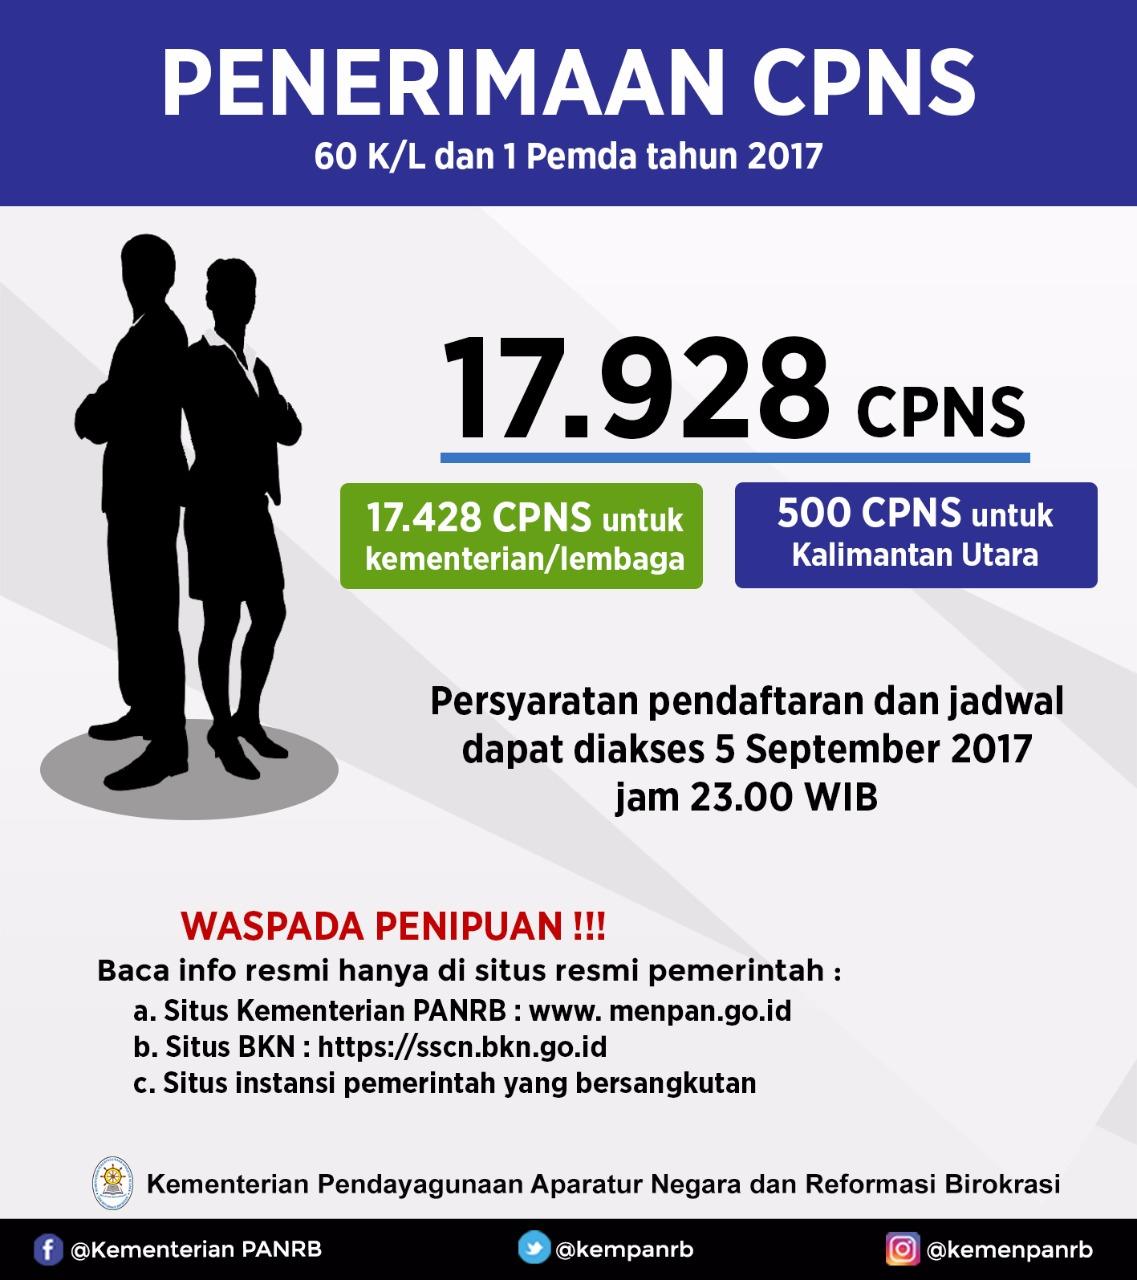 61 Instansi Pemerintah Buka 17.928 Lowongan CPNS